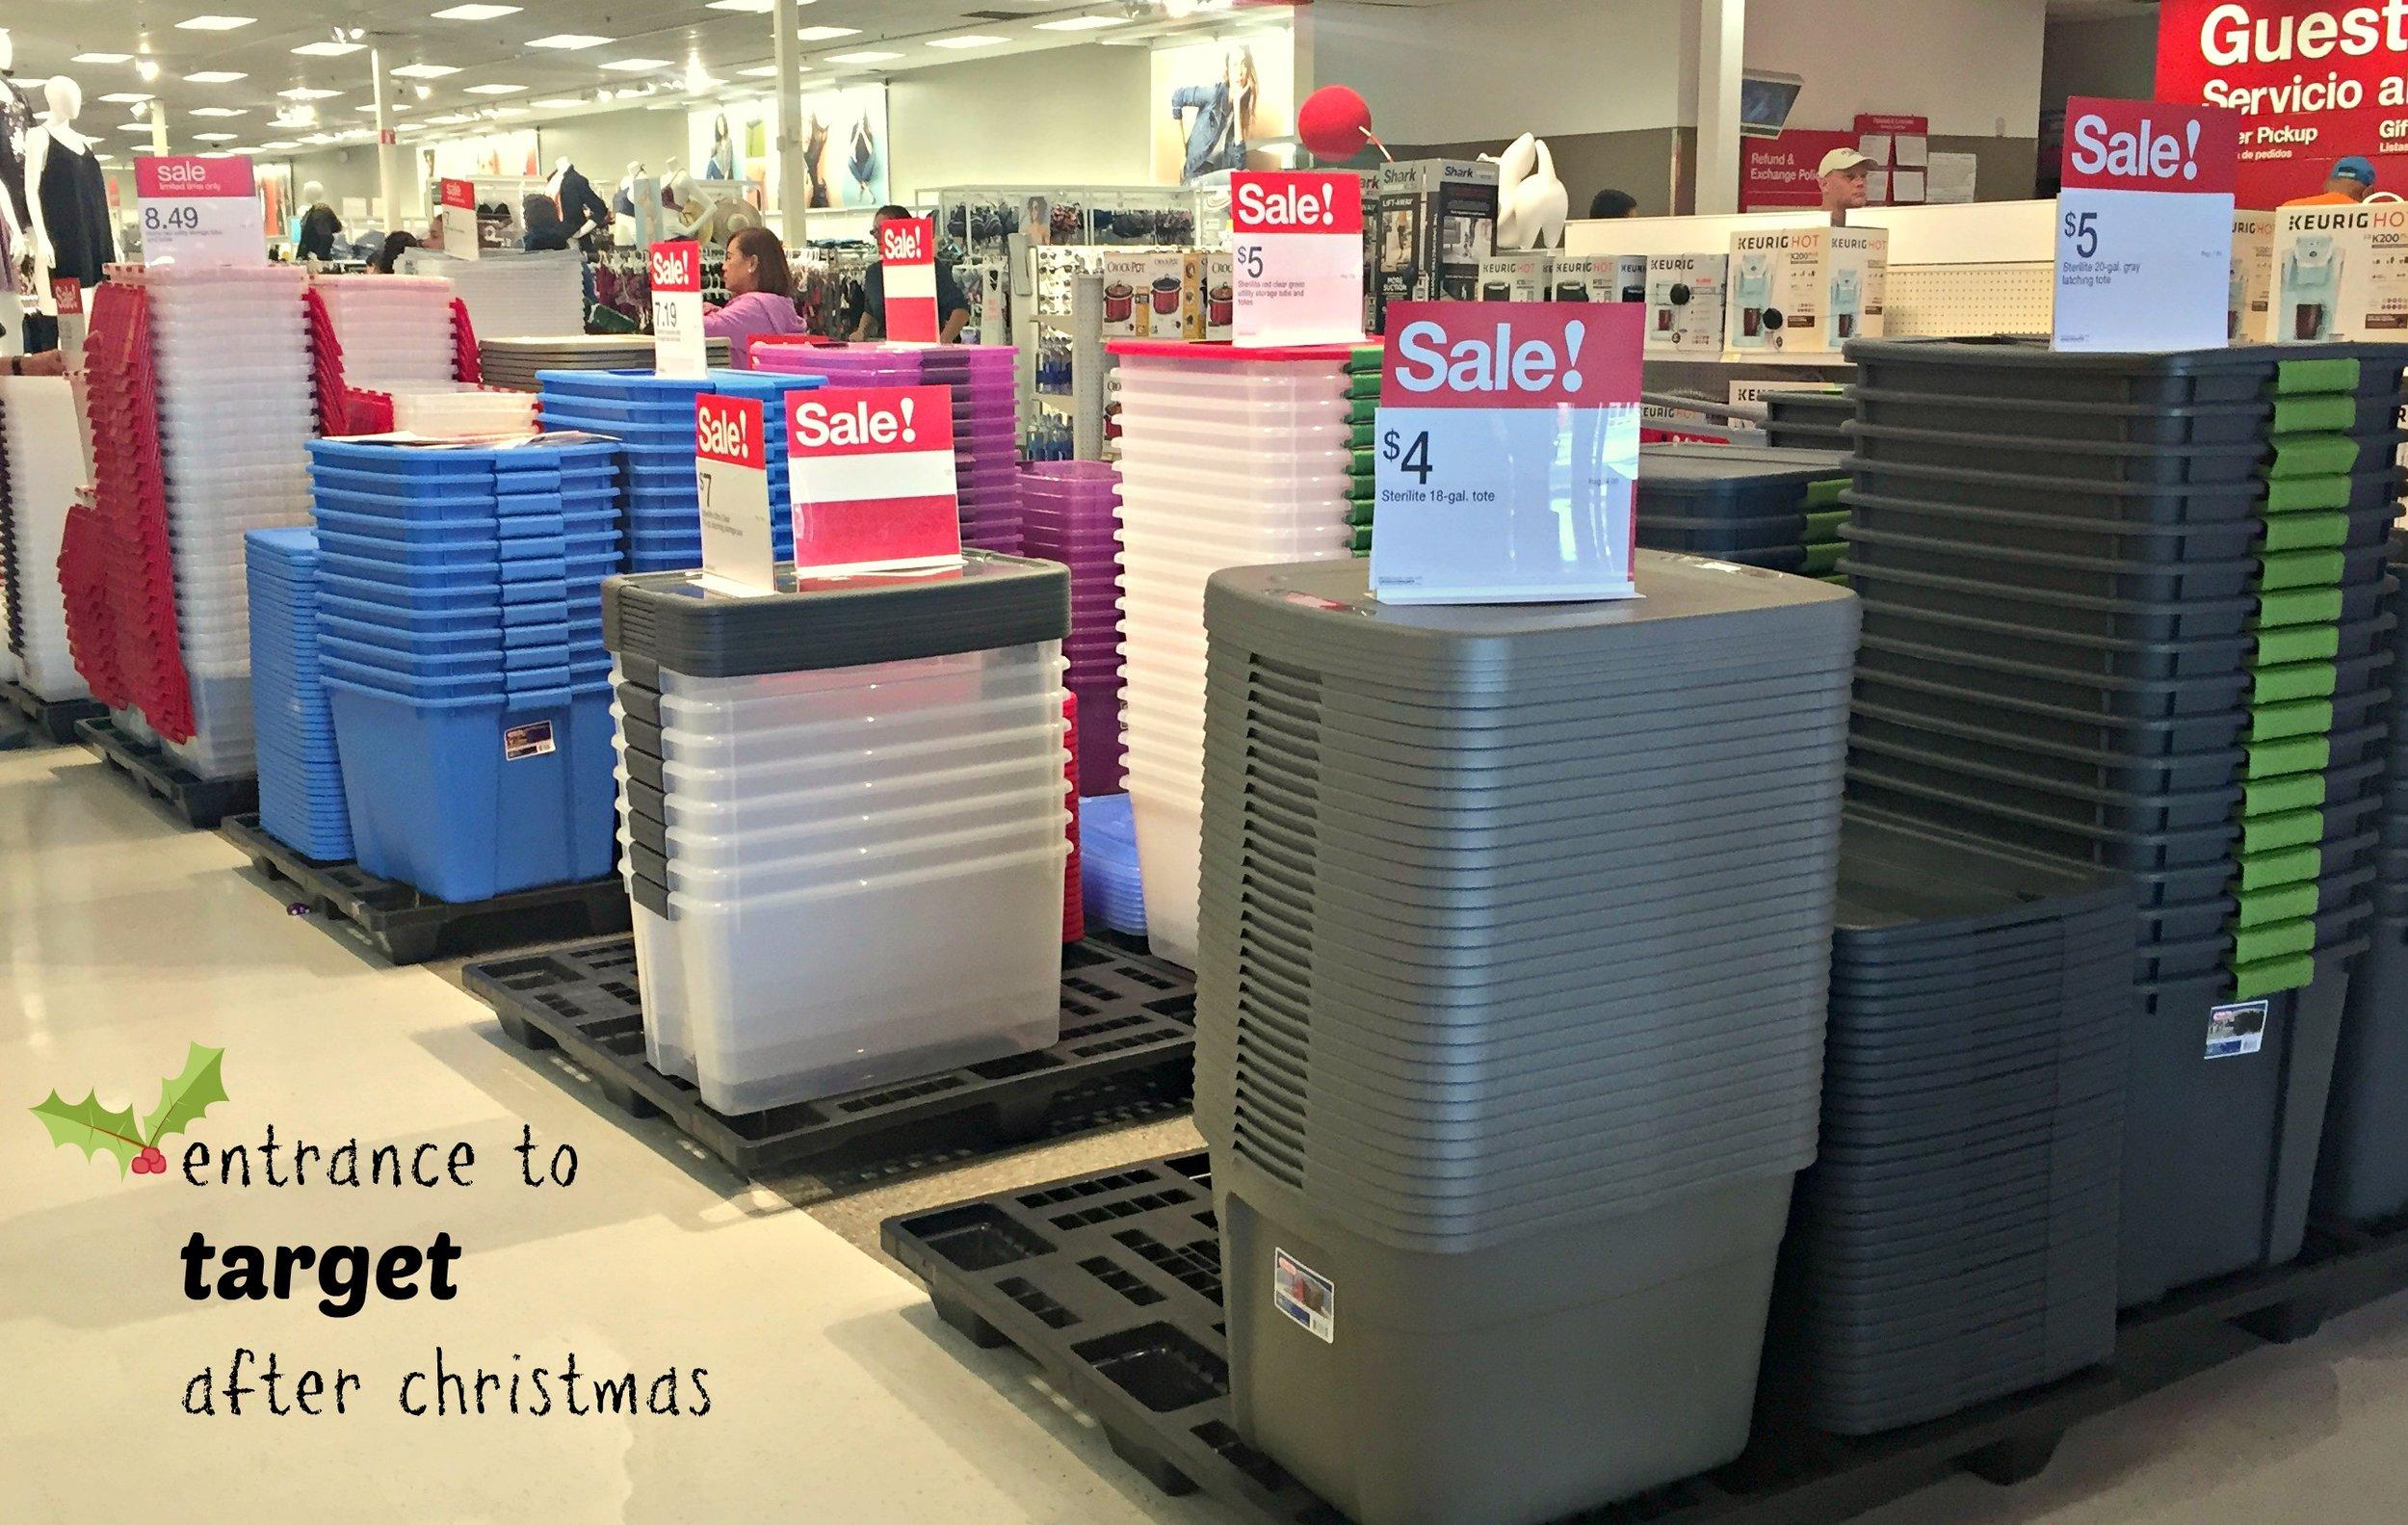 Target sale.jpg